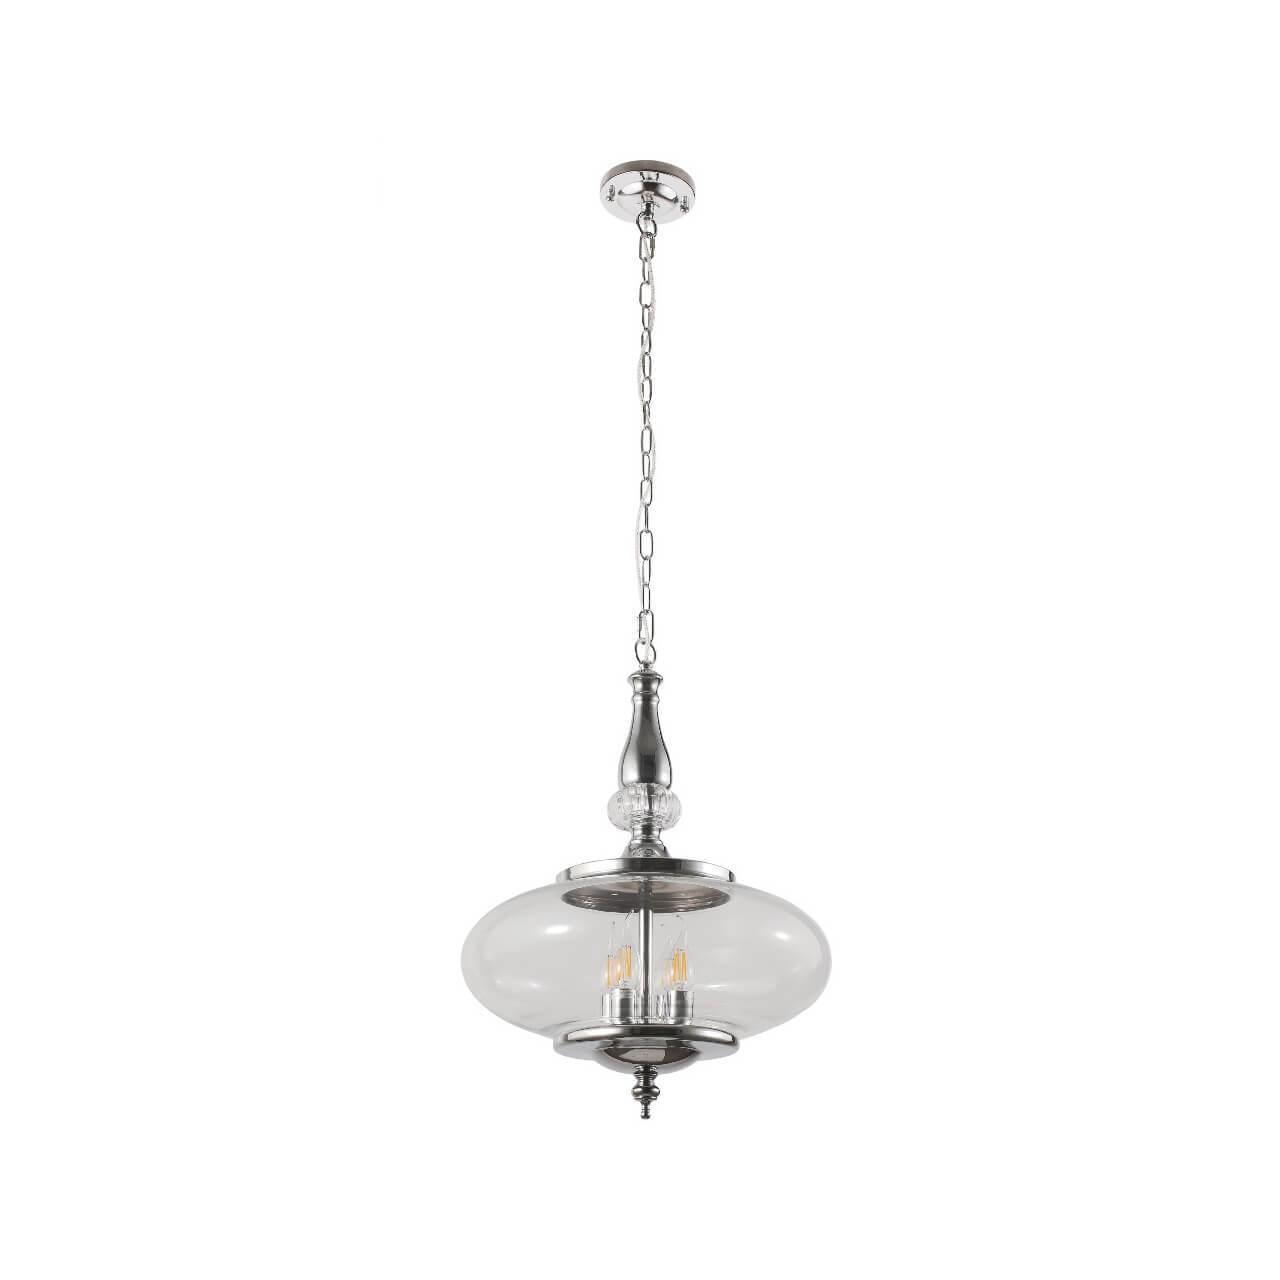 Подвесной светильник Crystal Lux Miel SP4 Chrome цена и фото